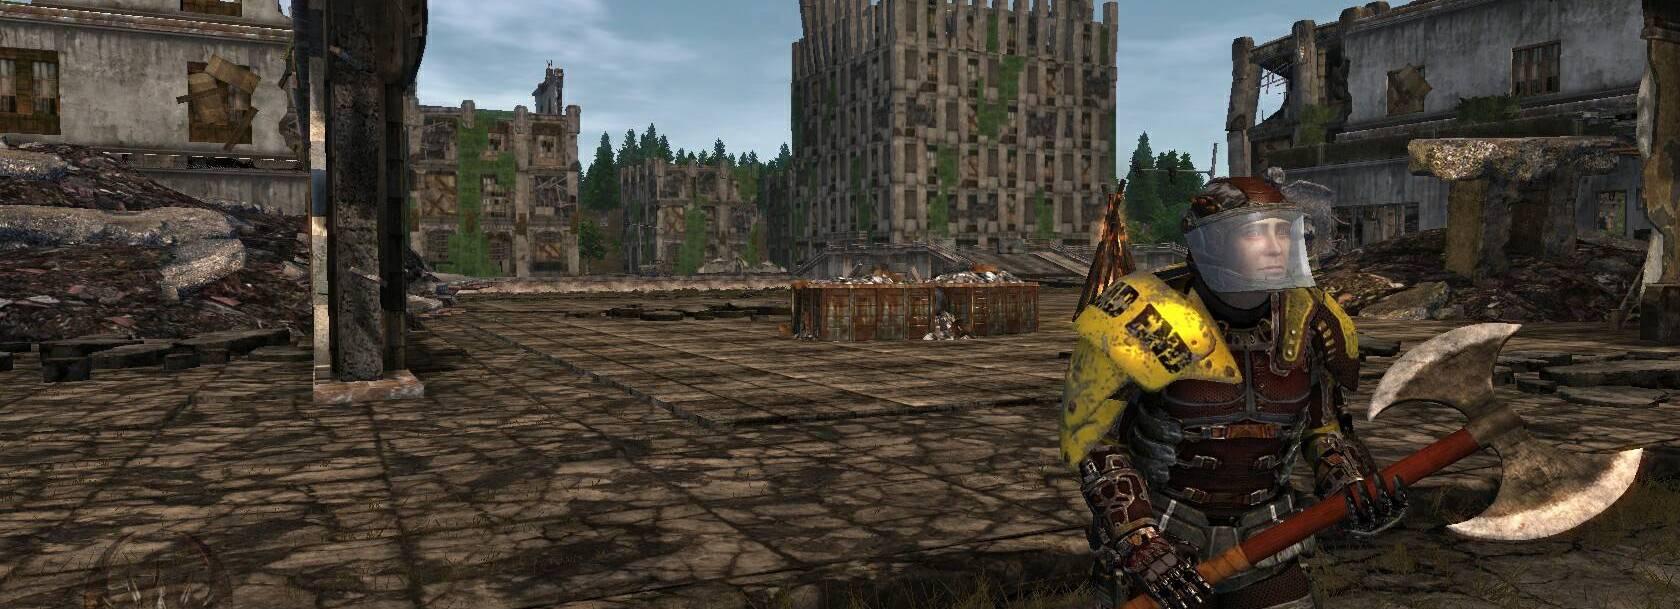 Fallen Earth MMORPG de Supervivencia 1 - Fallen Earth MMORPG de Supervivencia